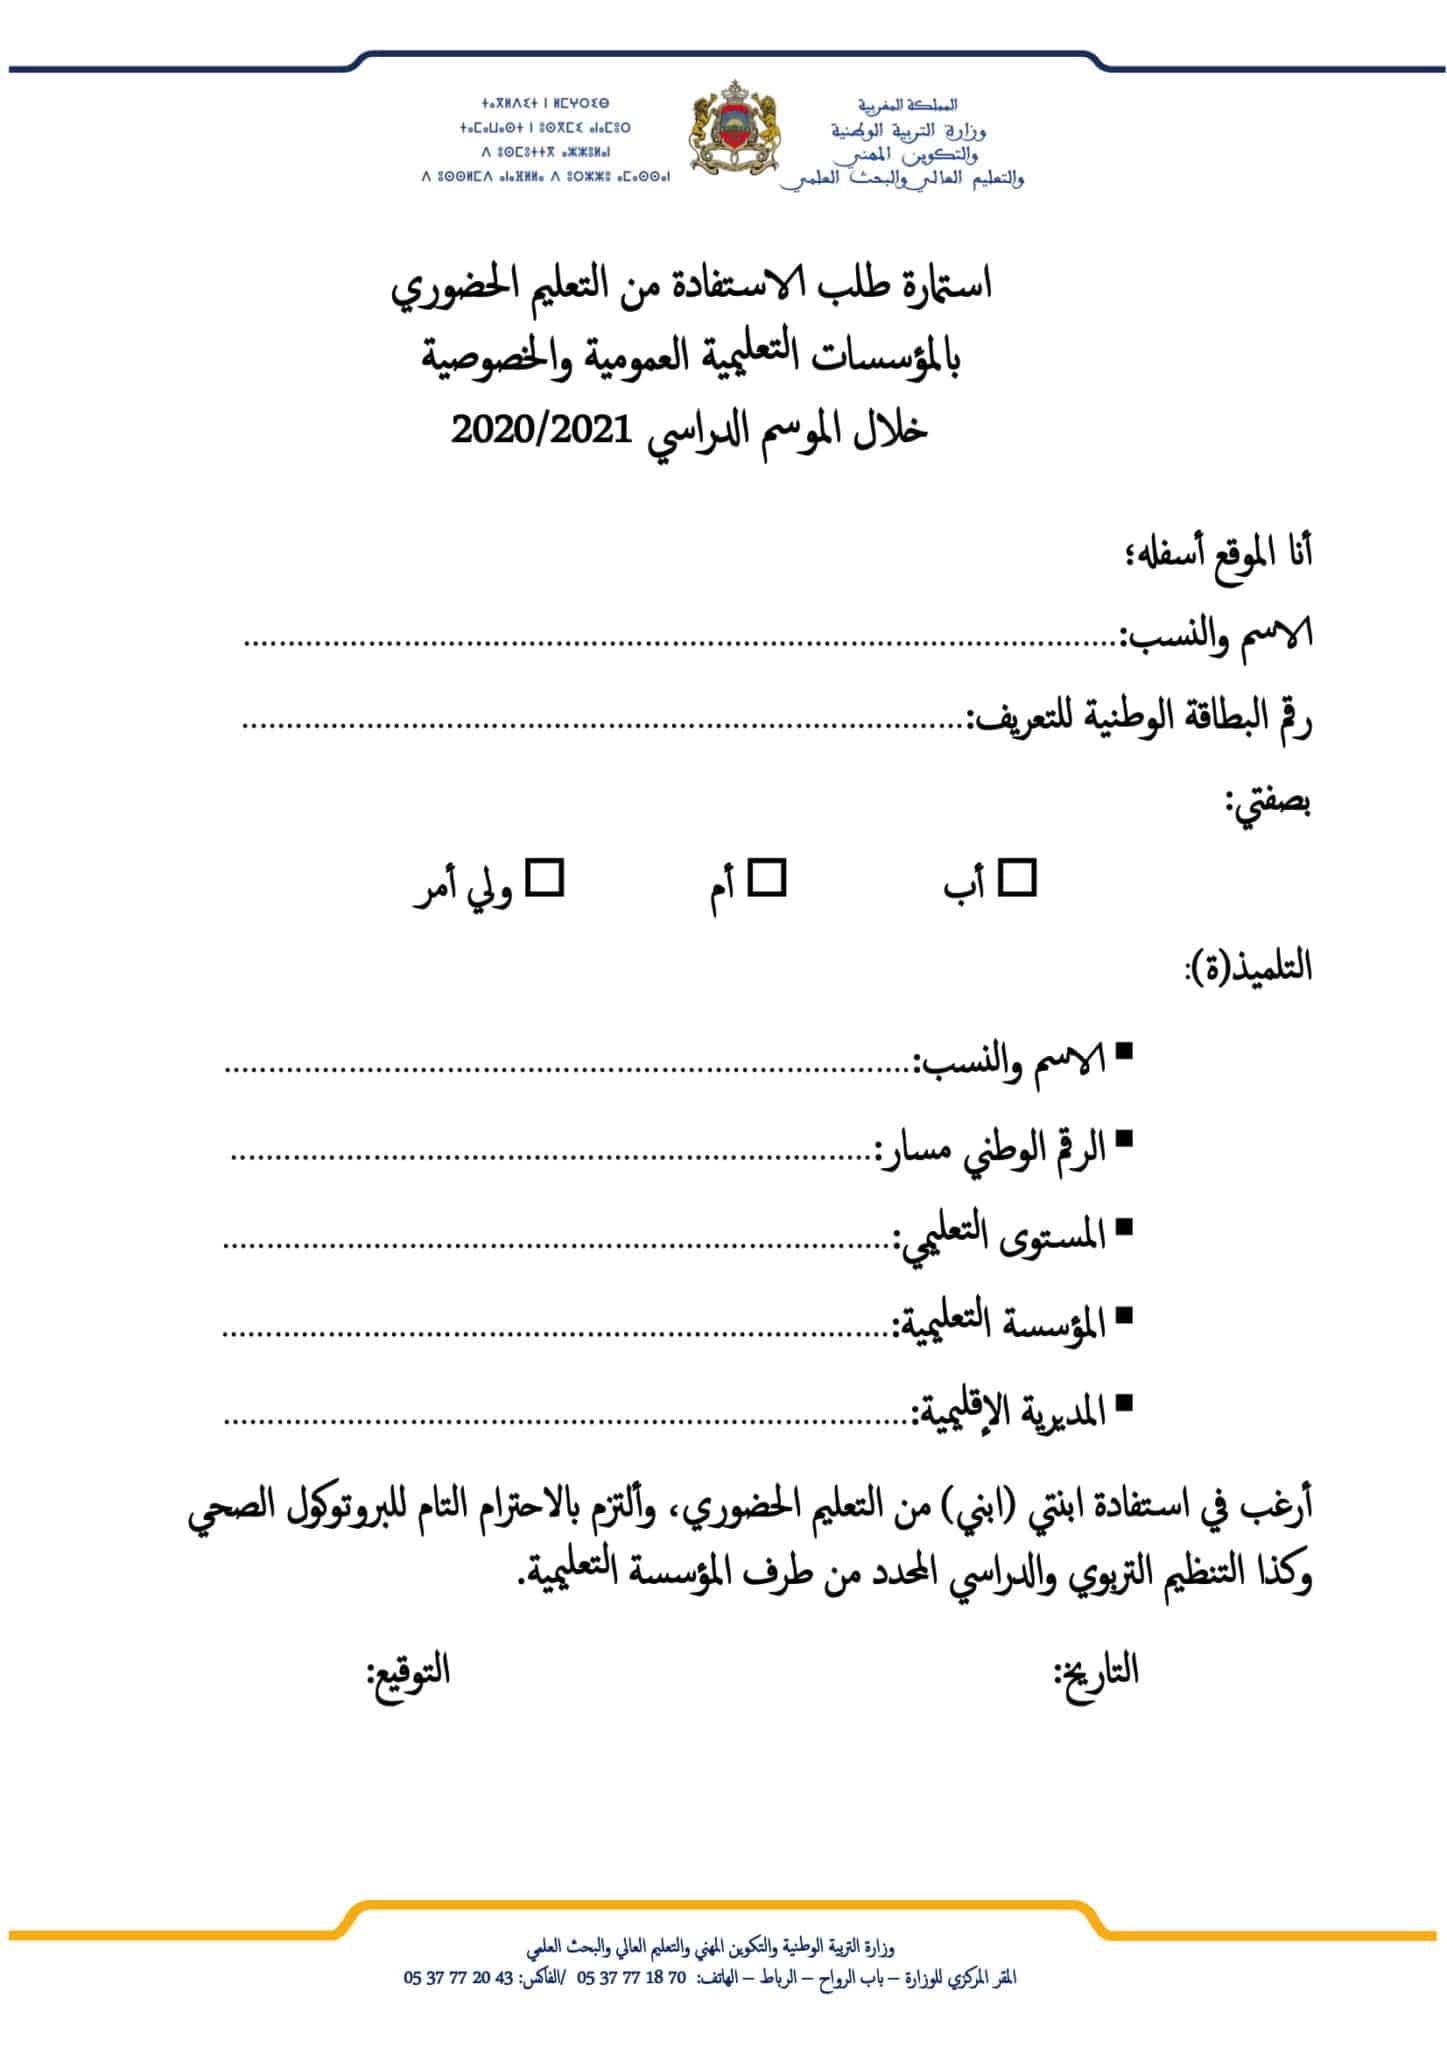 استمارة طلب الاستفادة من التعليم الحضوري